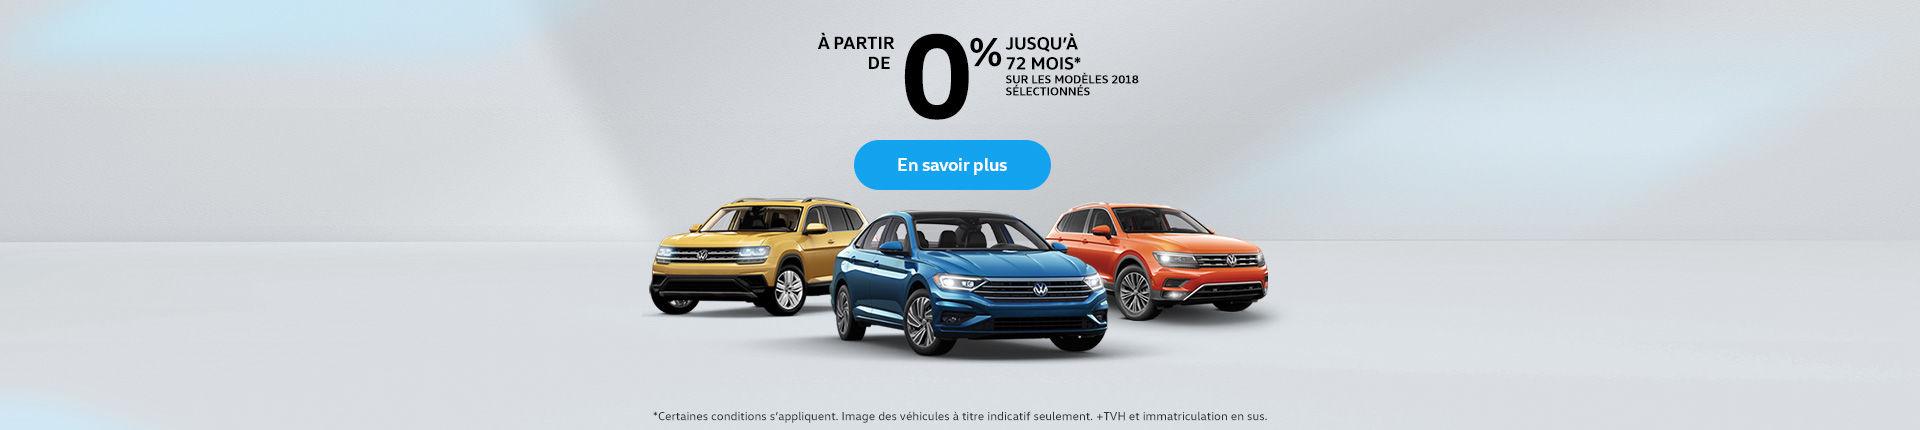 L'événement mensuel de Volkswagen! - web